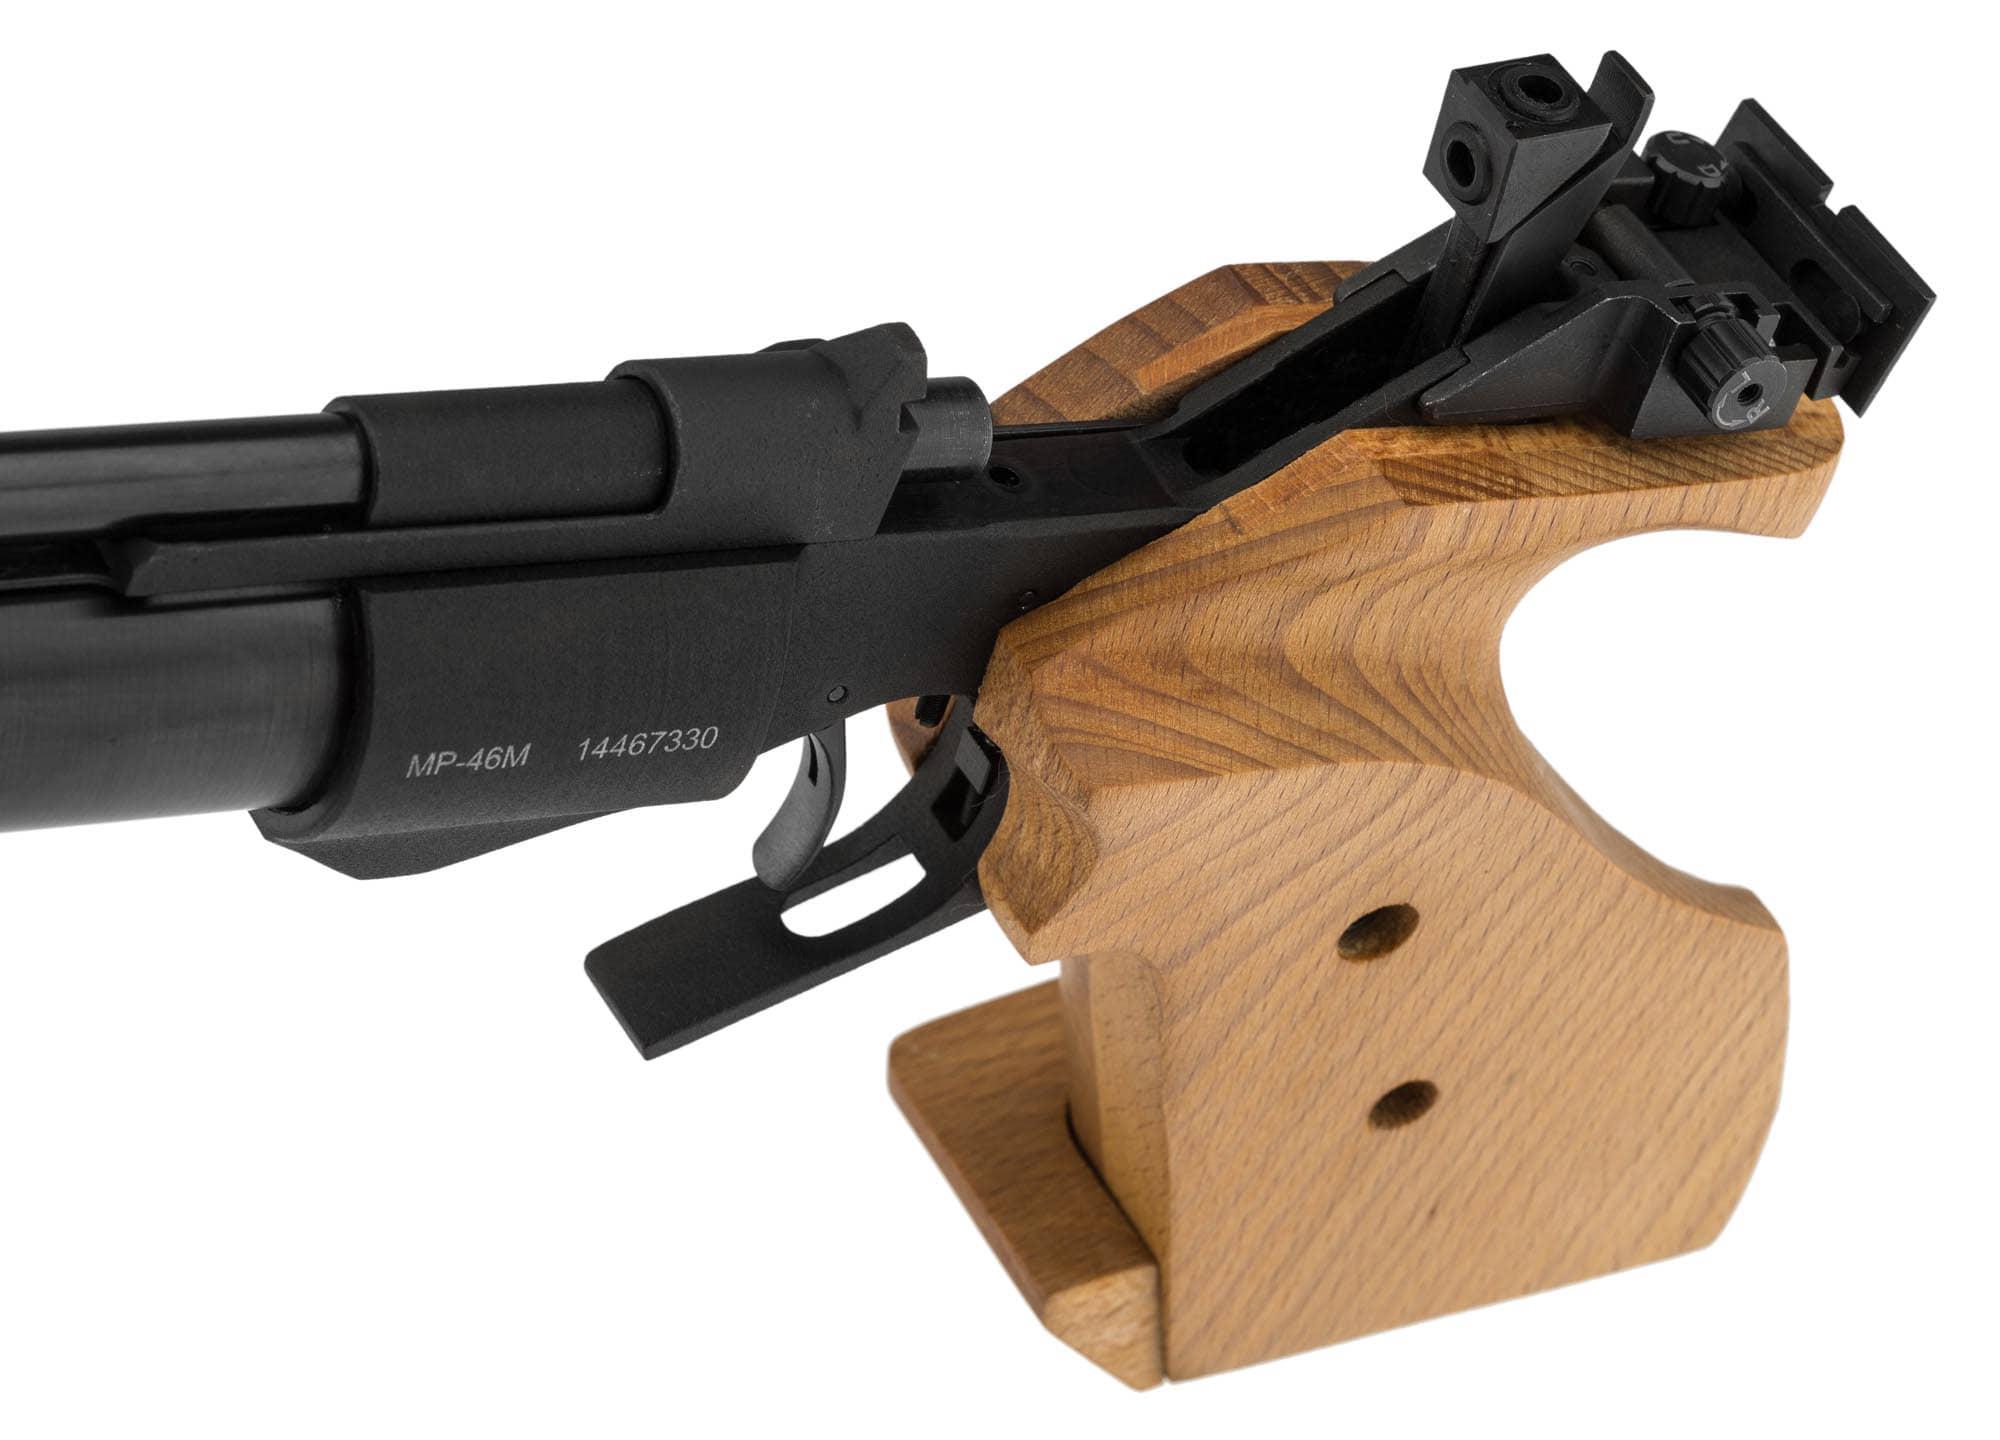 Baikal Match MP-46M air pistol cal  4 5 mm